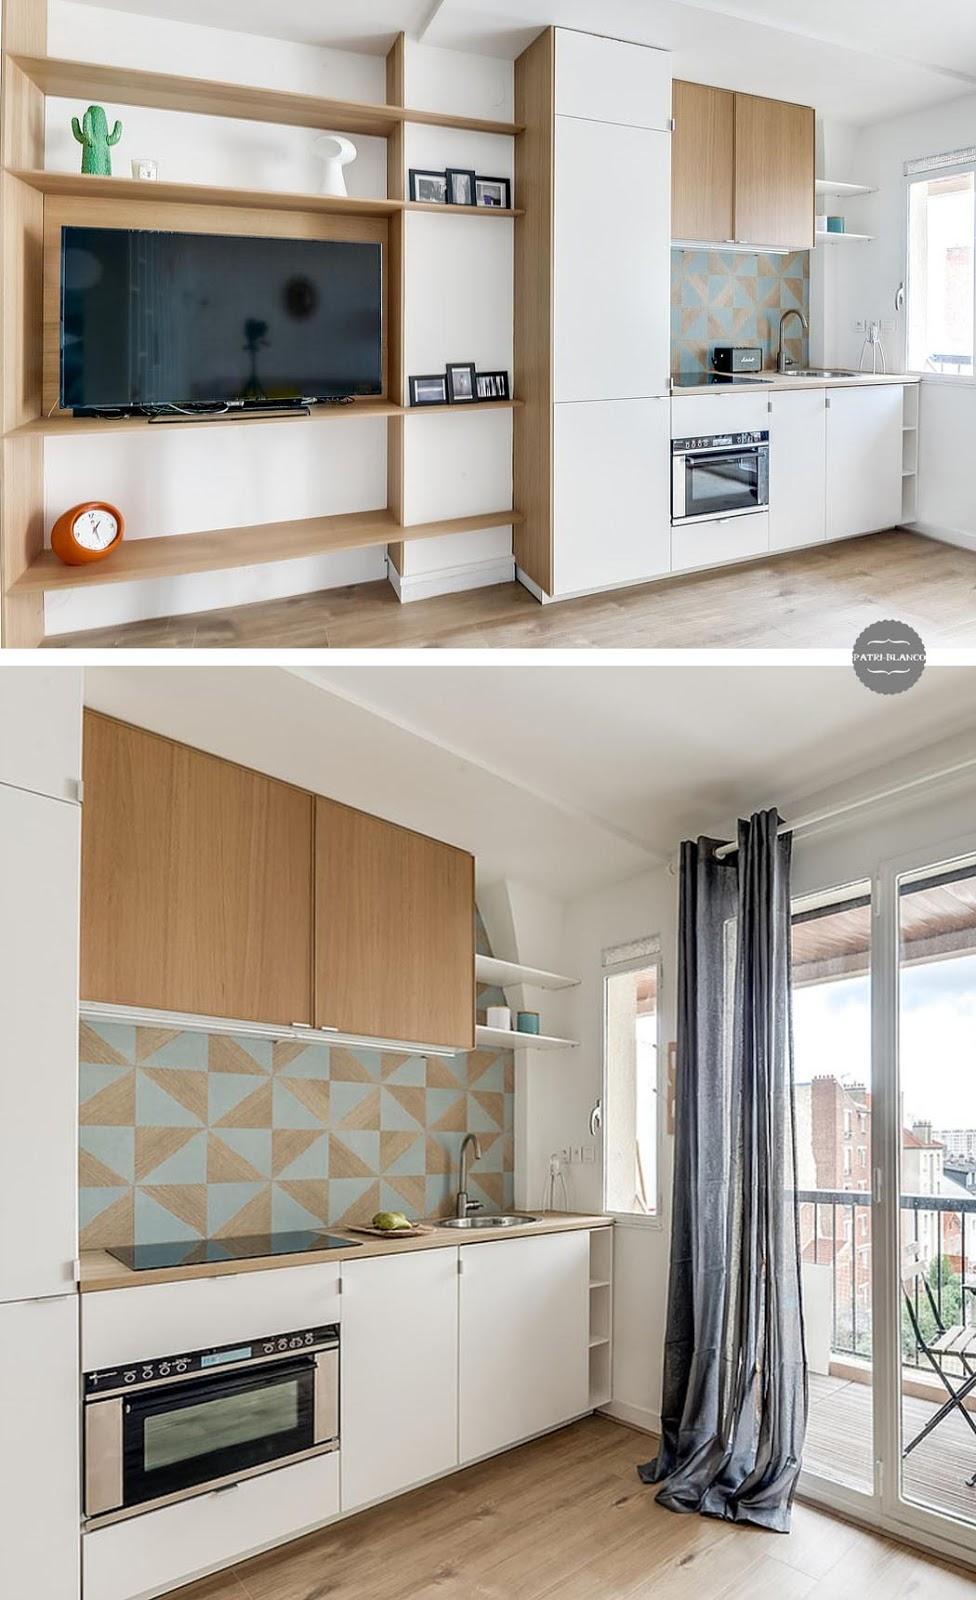 Un estudio n rdico minimalista y juvenil decoraci n for Estudios minimalistas decoracion